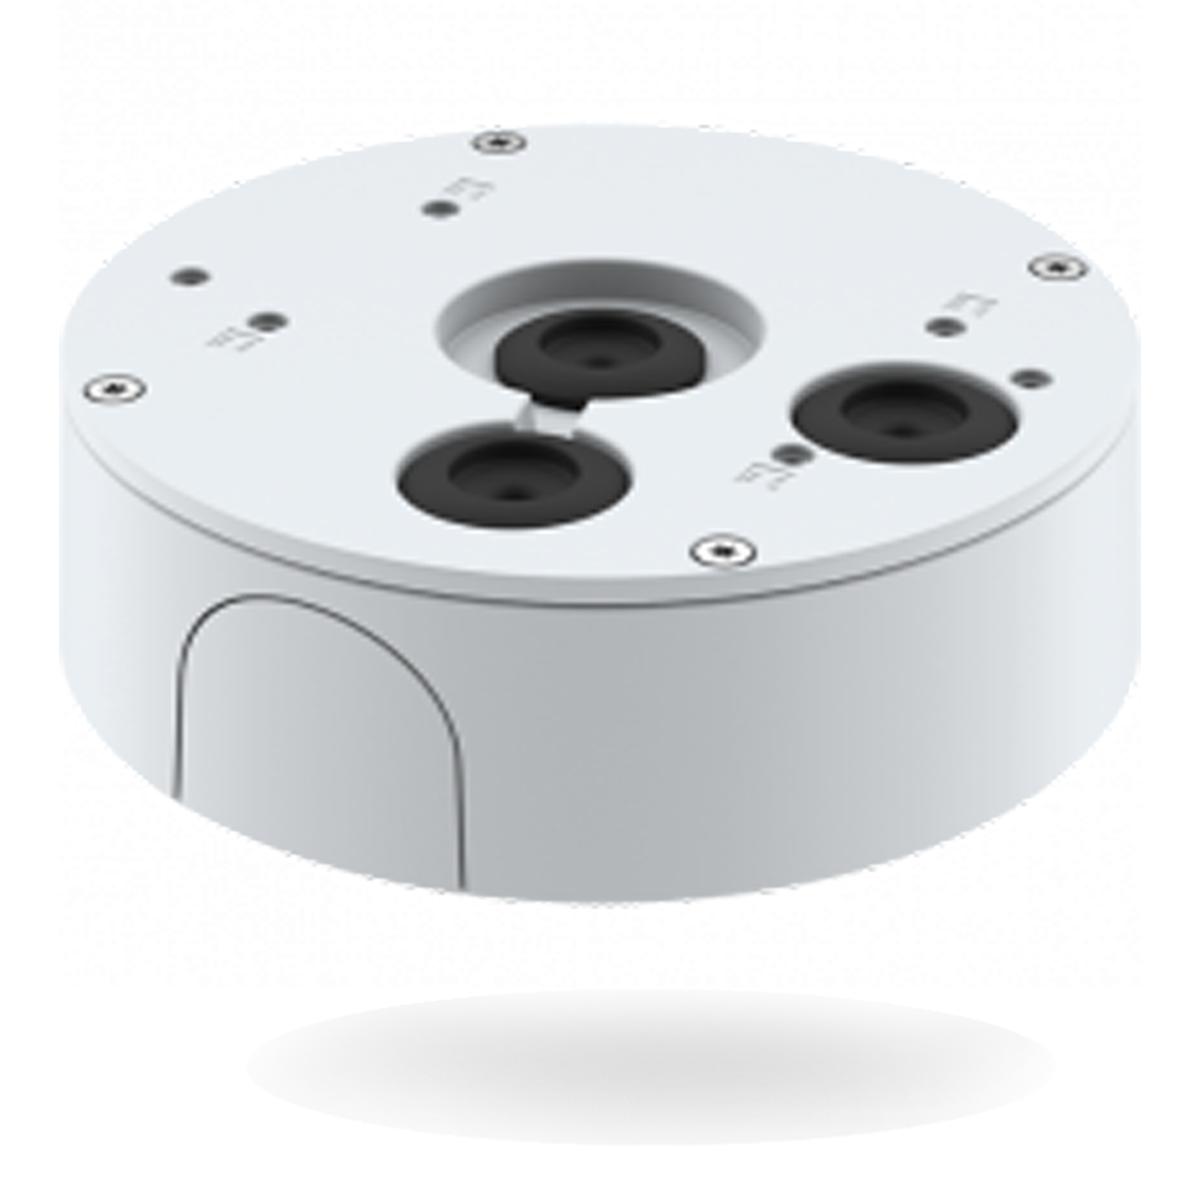 Caja para montaje en superficie Axis T94S01P para cámaras de seguridad domo y bullet